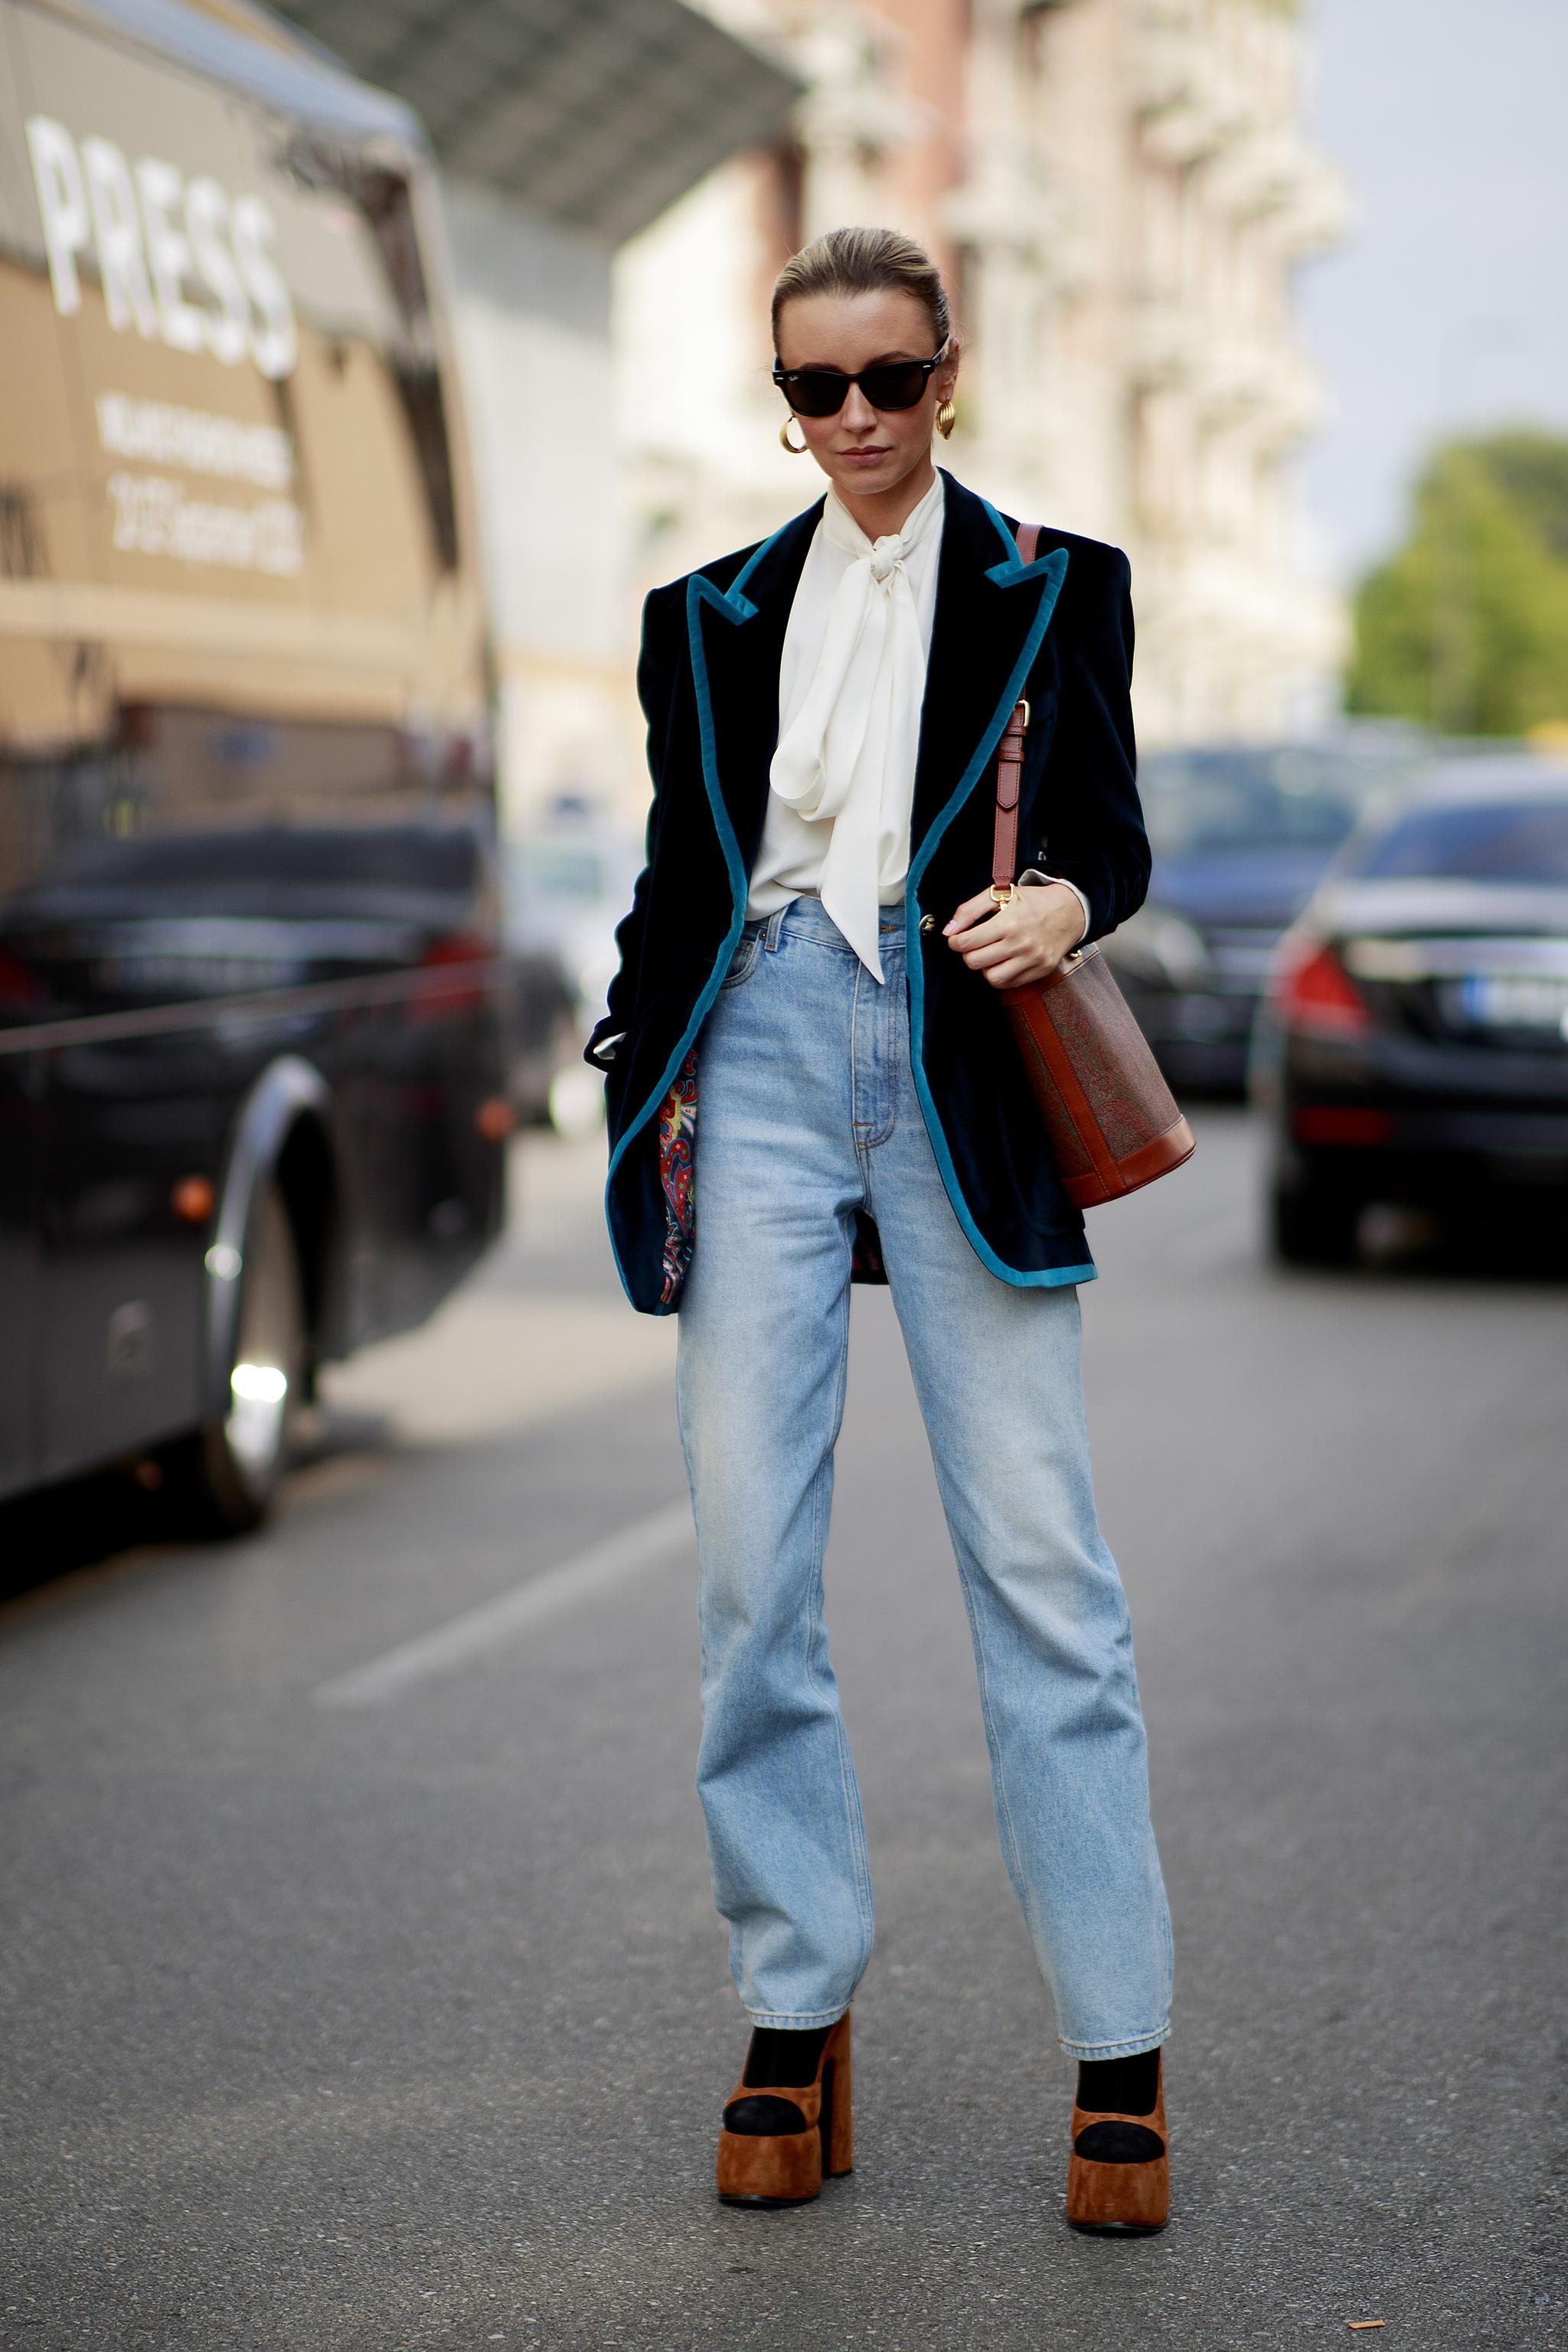 La opción que siempre funciona, con jeans y blazers.